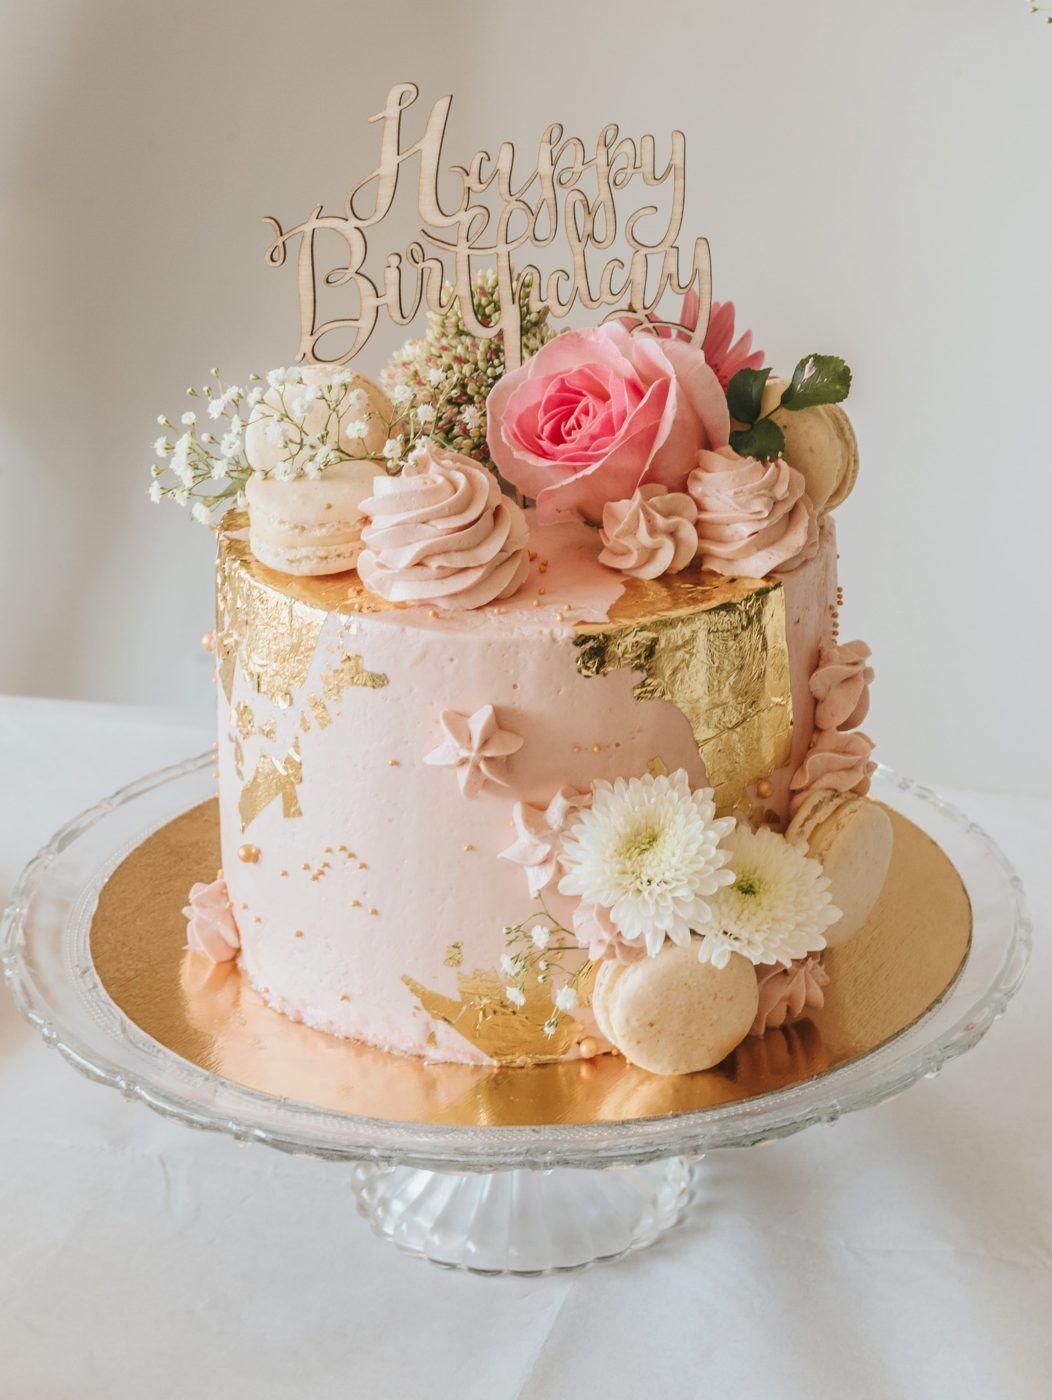 Le Gateau D Anniversaire De Mes Reves Chronique Bordelaise Birthday Cake For Women Simple Birthday Cake With Flowers Pretty Birthday Cakes